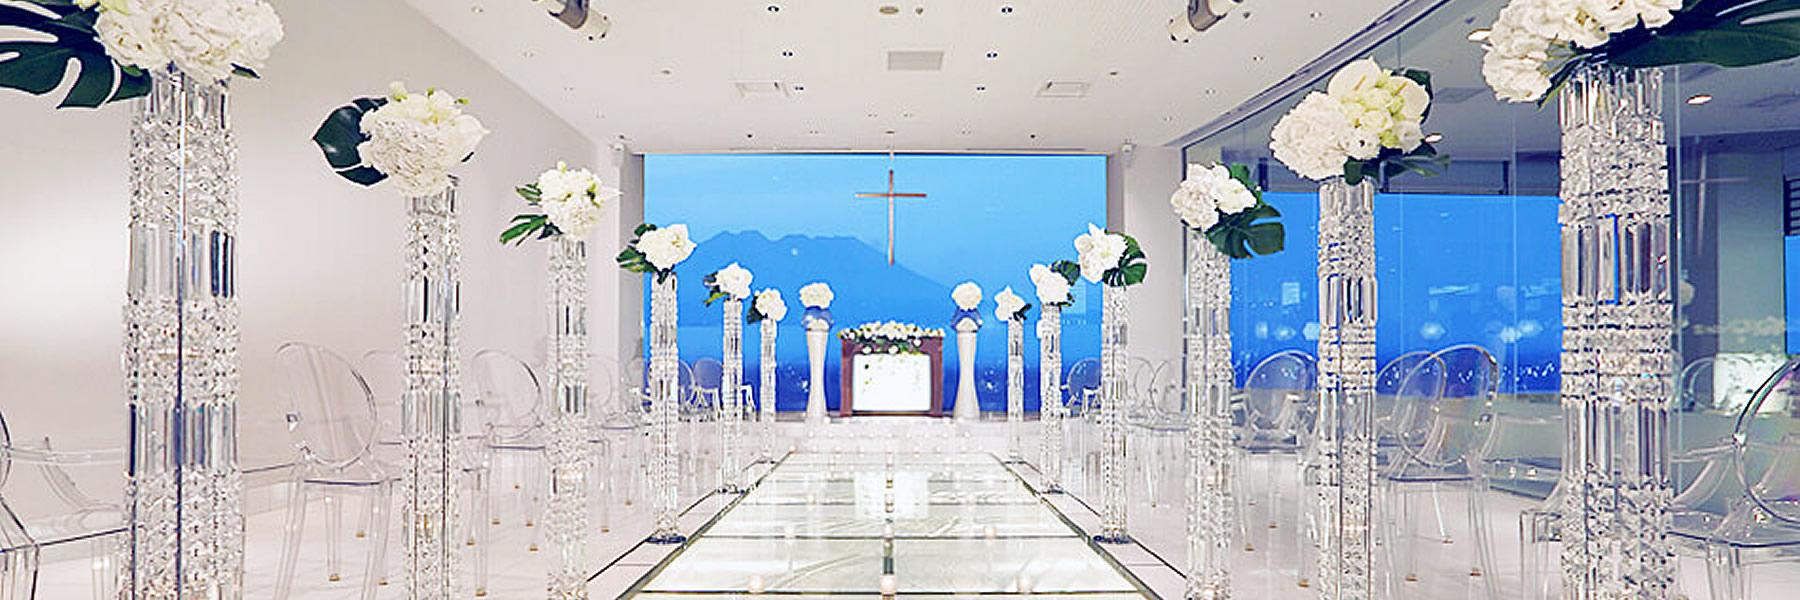 コンセプト|レンブラントホテル鹿児島【公式】婚礼サイト